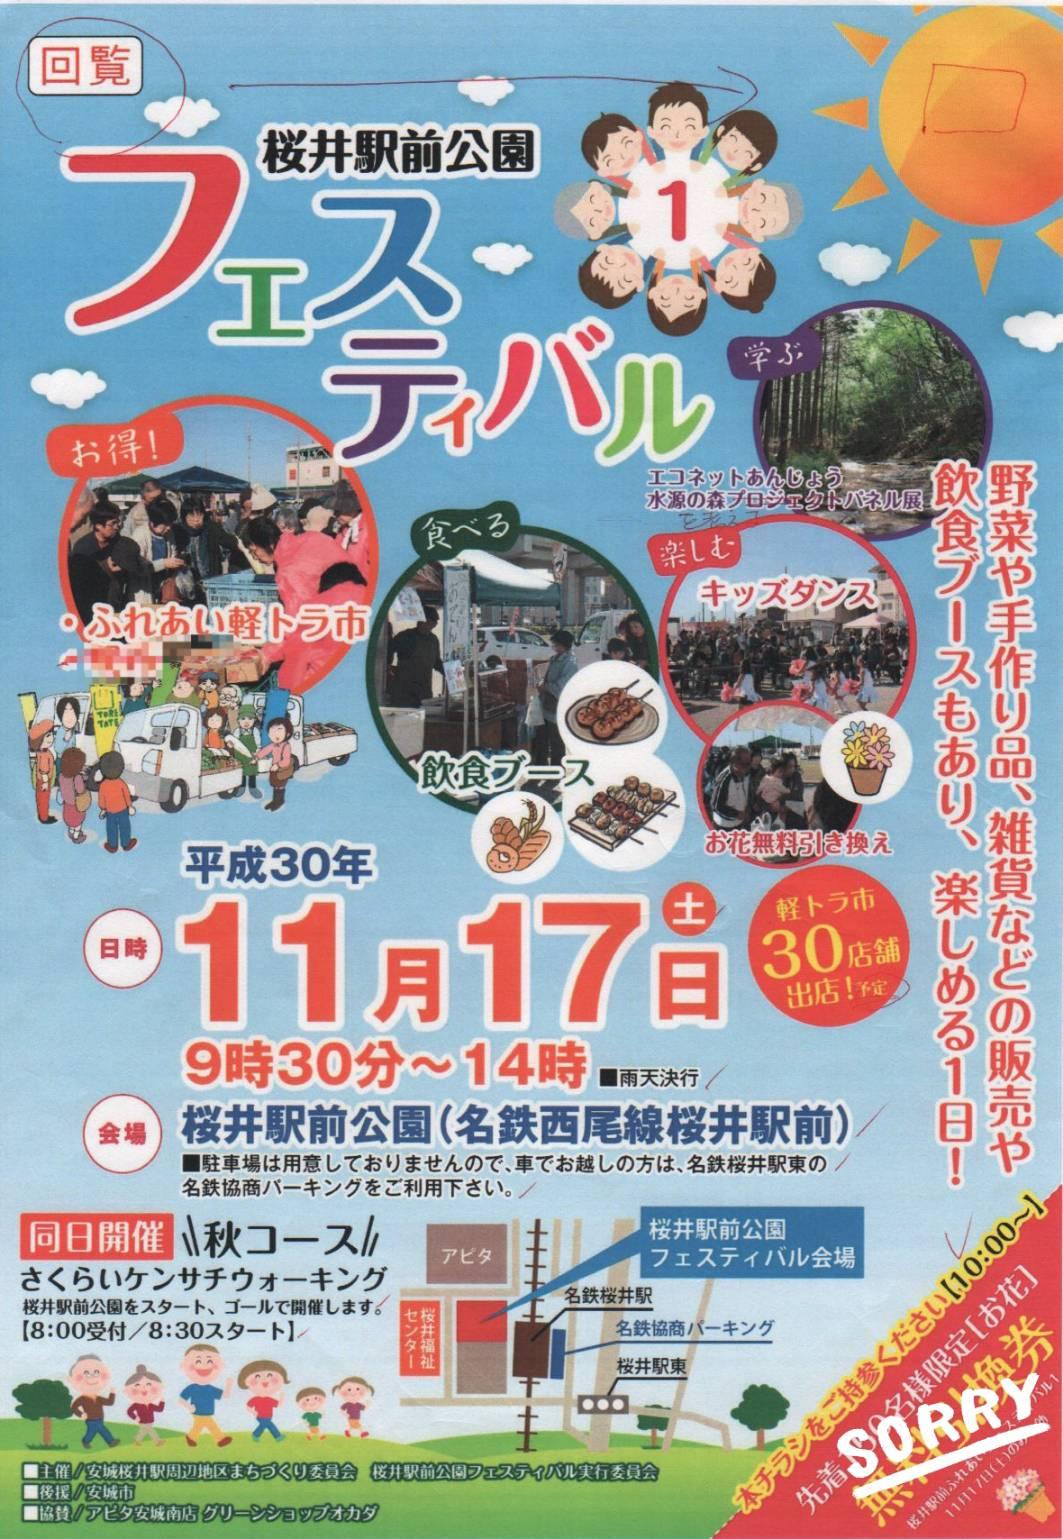 11月17日桜井駅前公園にて開催します!